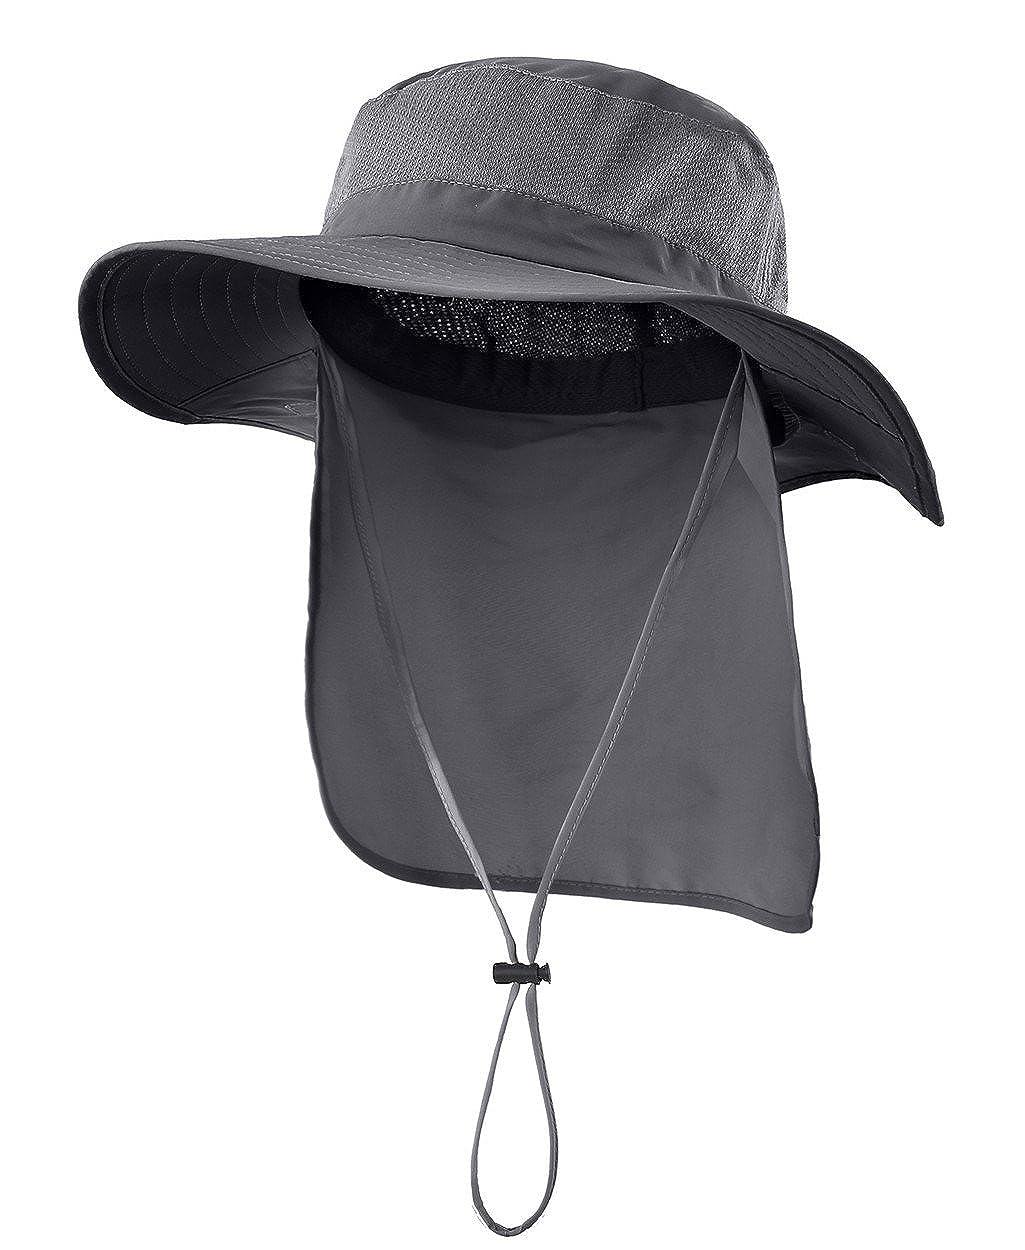 Magracy Unisex Outdoor Breite Krempe Sonnenhut Mesh Masche UPF 50+ Safari Hut mit Nackenklappe Anglerhut Fischerhut